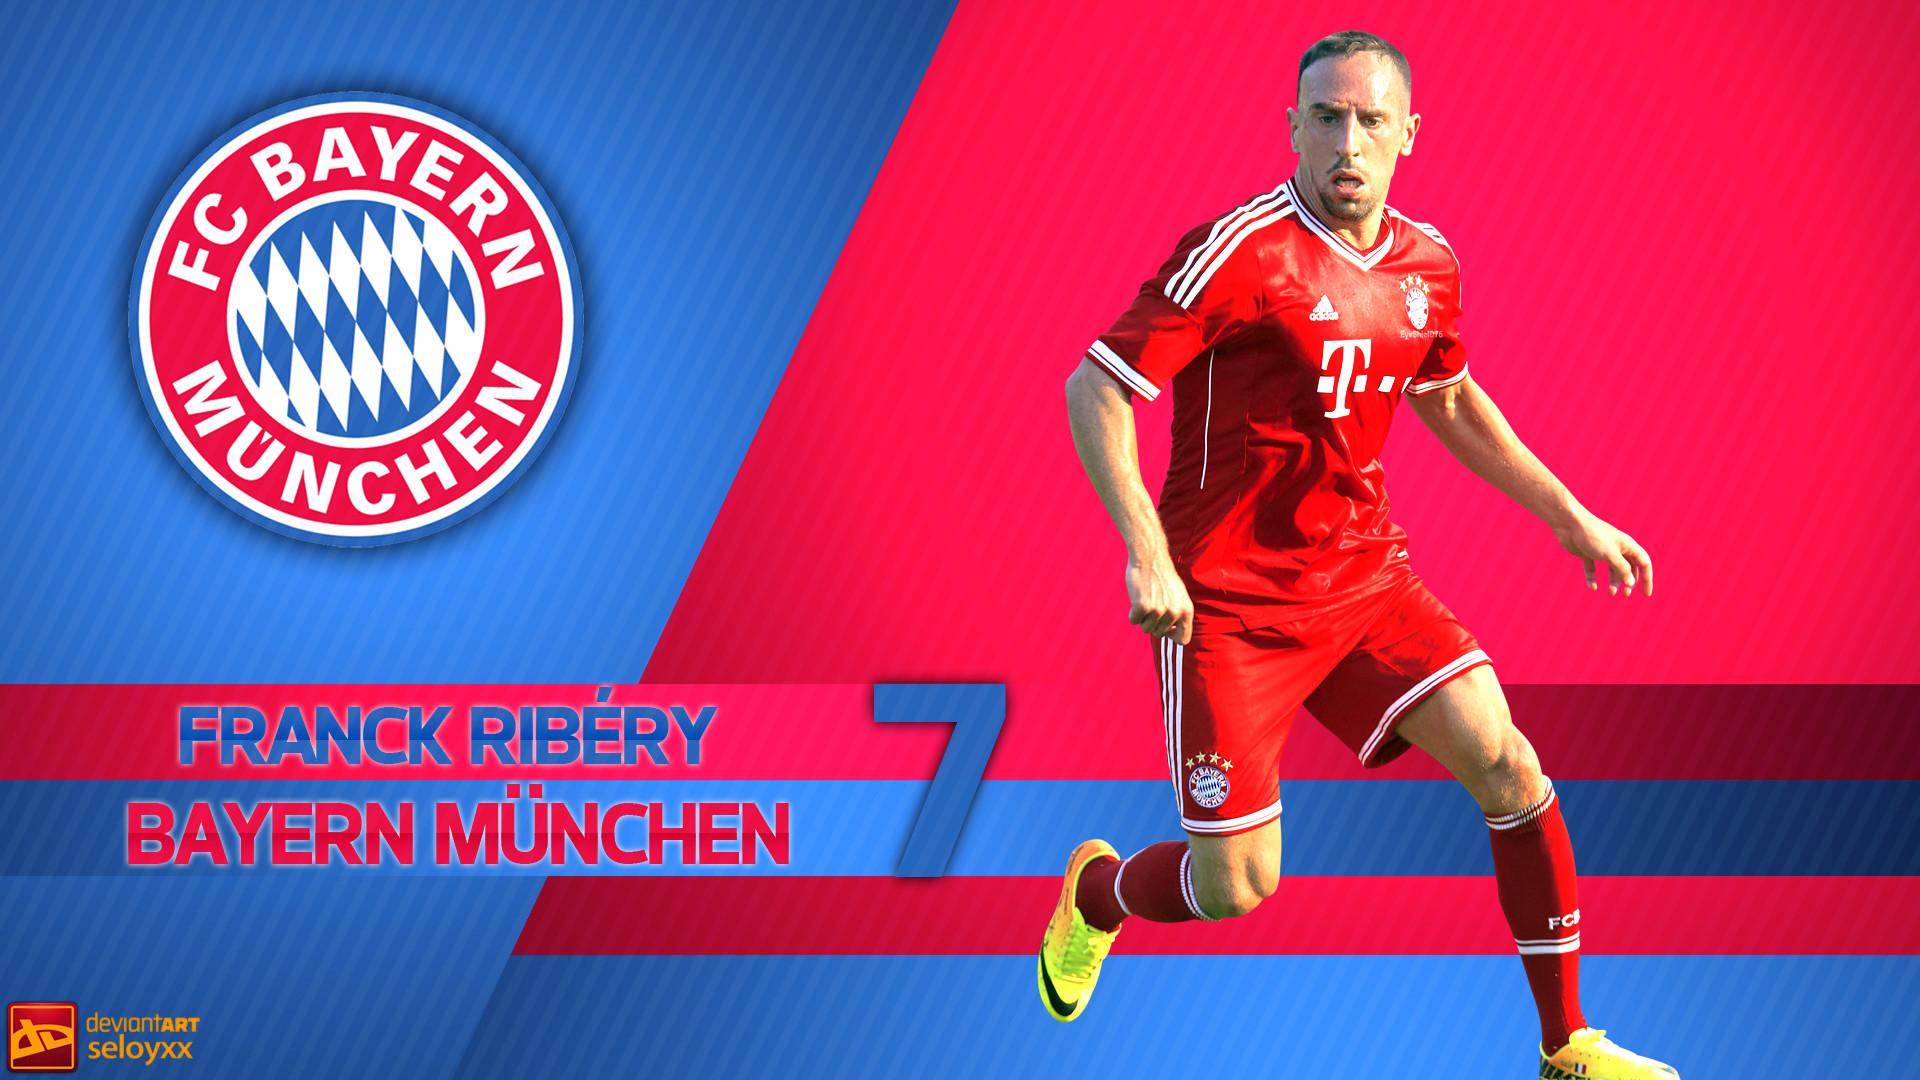 amazing best player image. FC bayern munich HD wallpaper